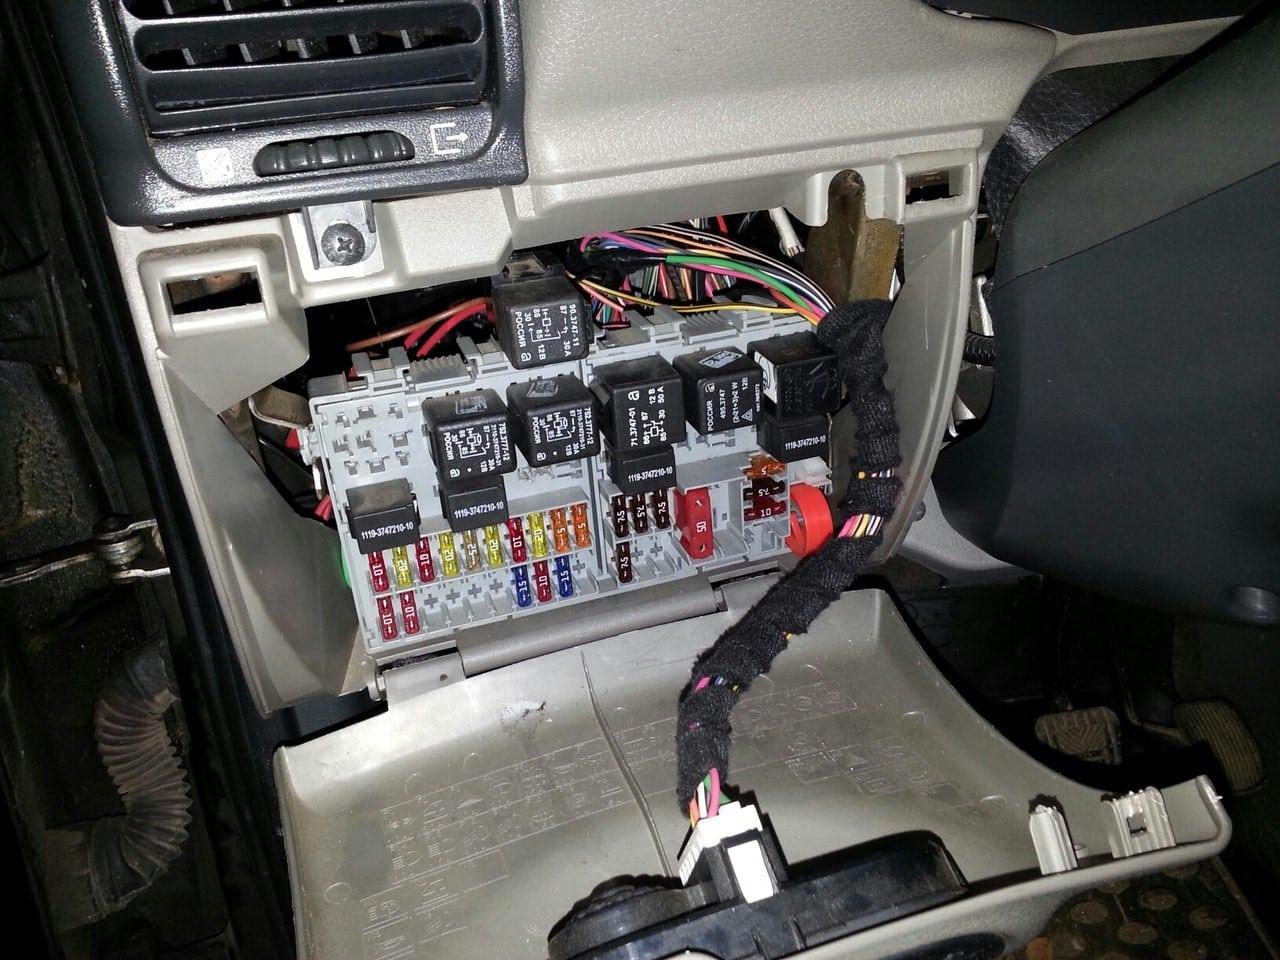 Технические способы разблокировки двигателя | Сигнализация блокирует запуск двигателя. Что делать?